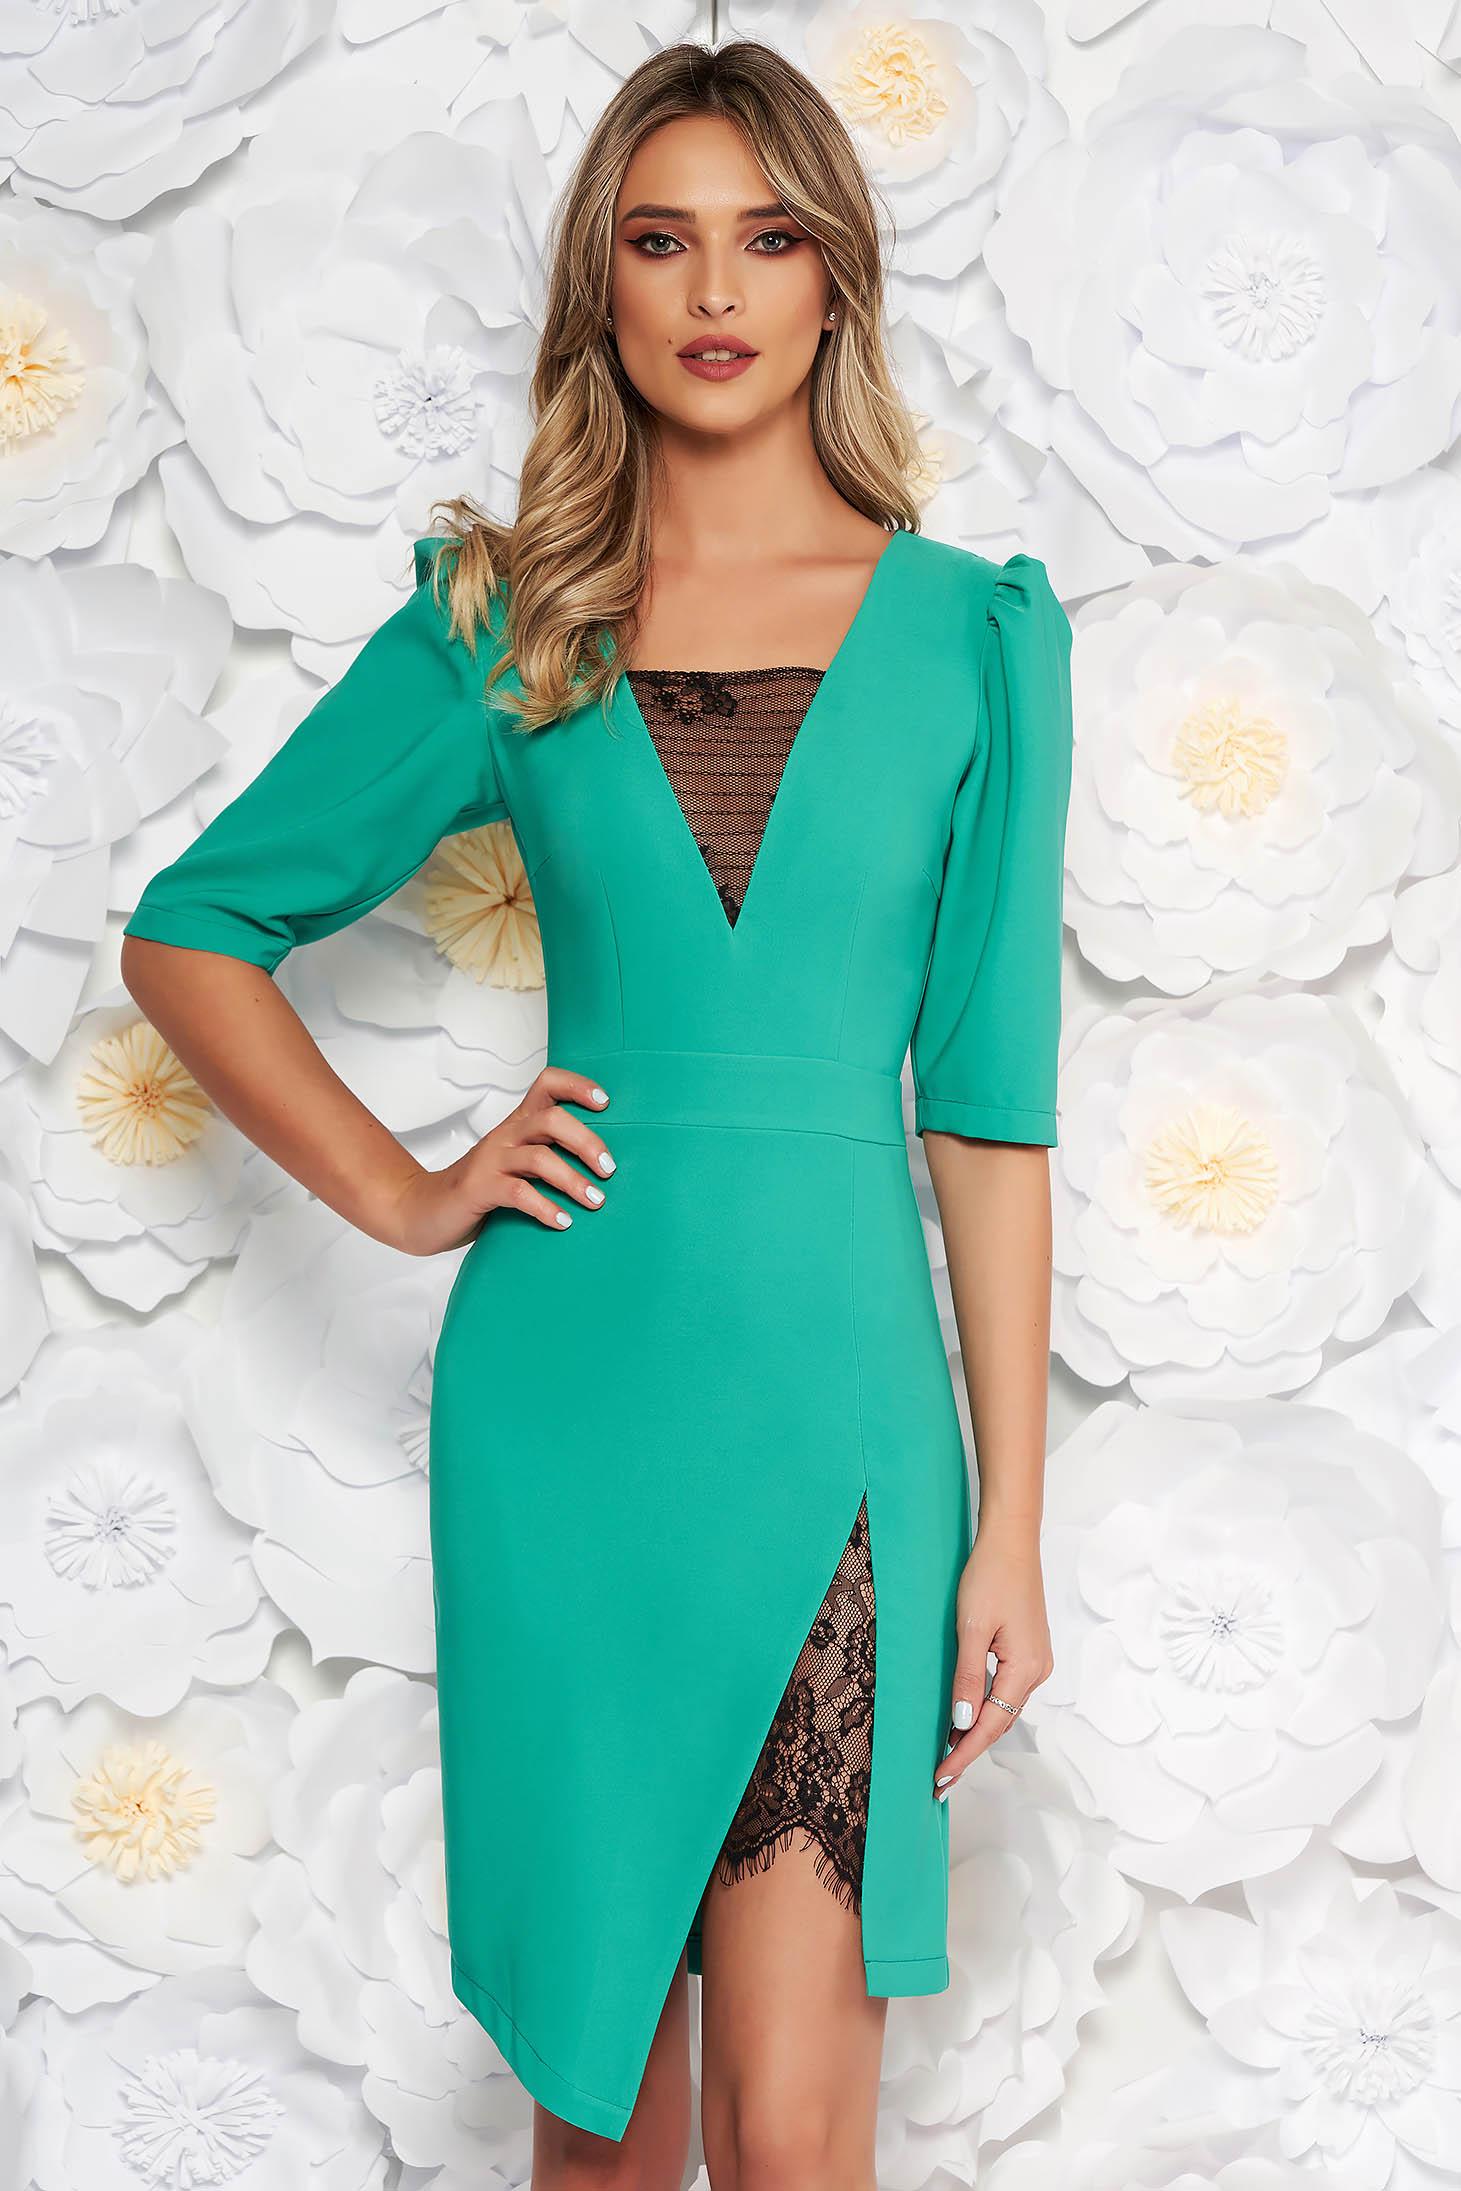 36f12c09d3 Zöld LaDonna elegáns ruha szűk szabás v-dekoltázzsal csipke díszítéssel